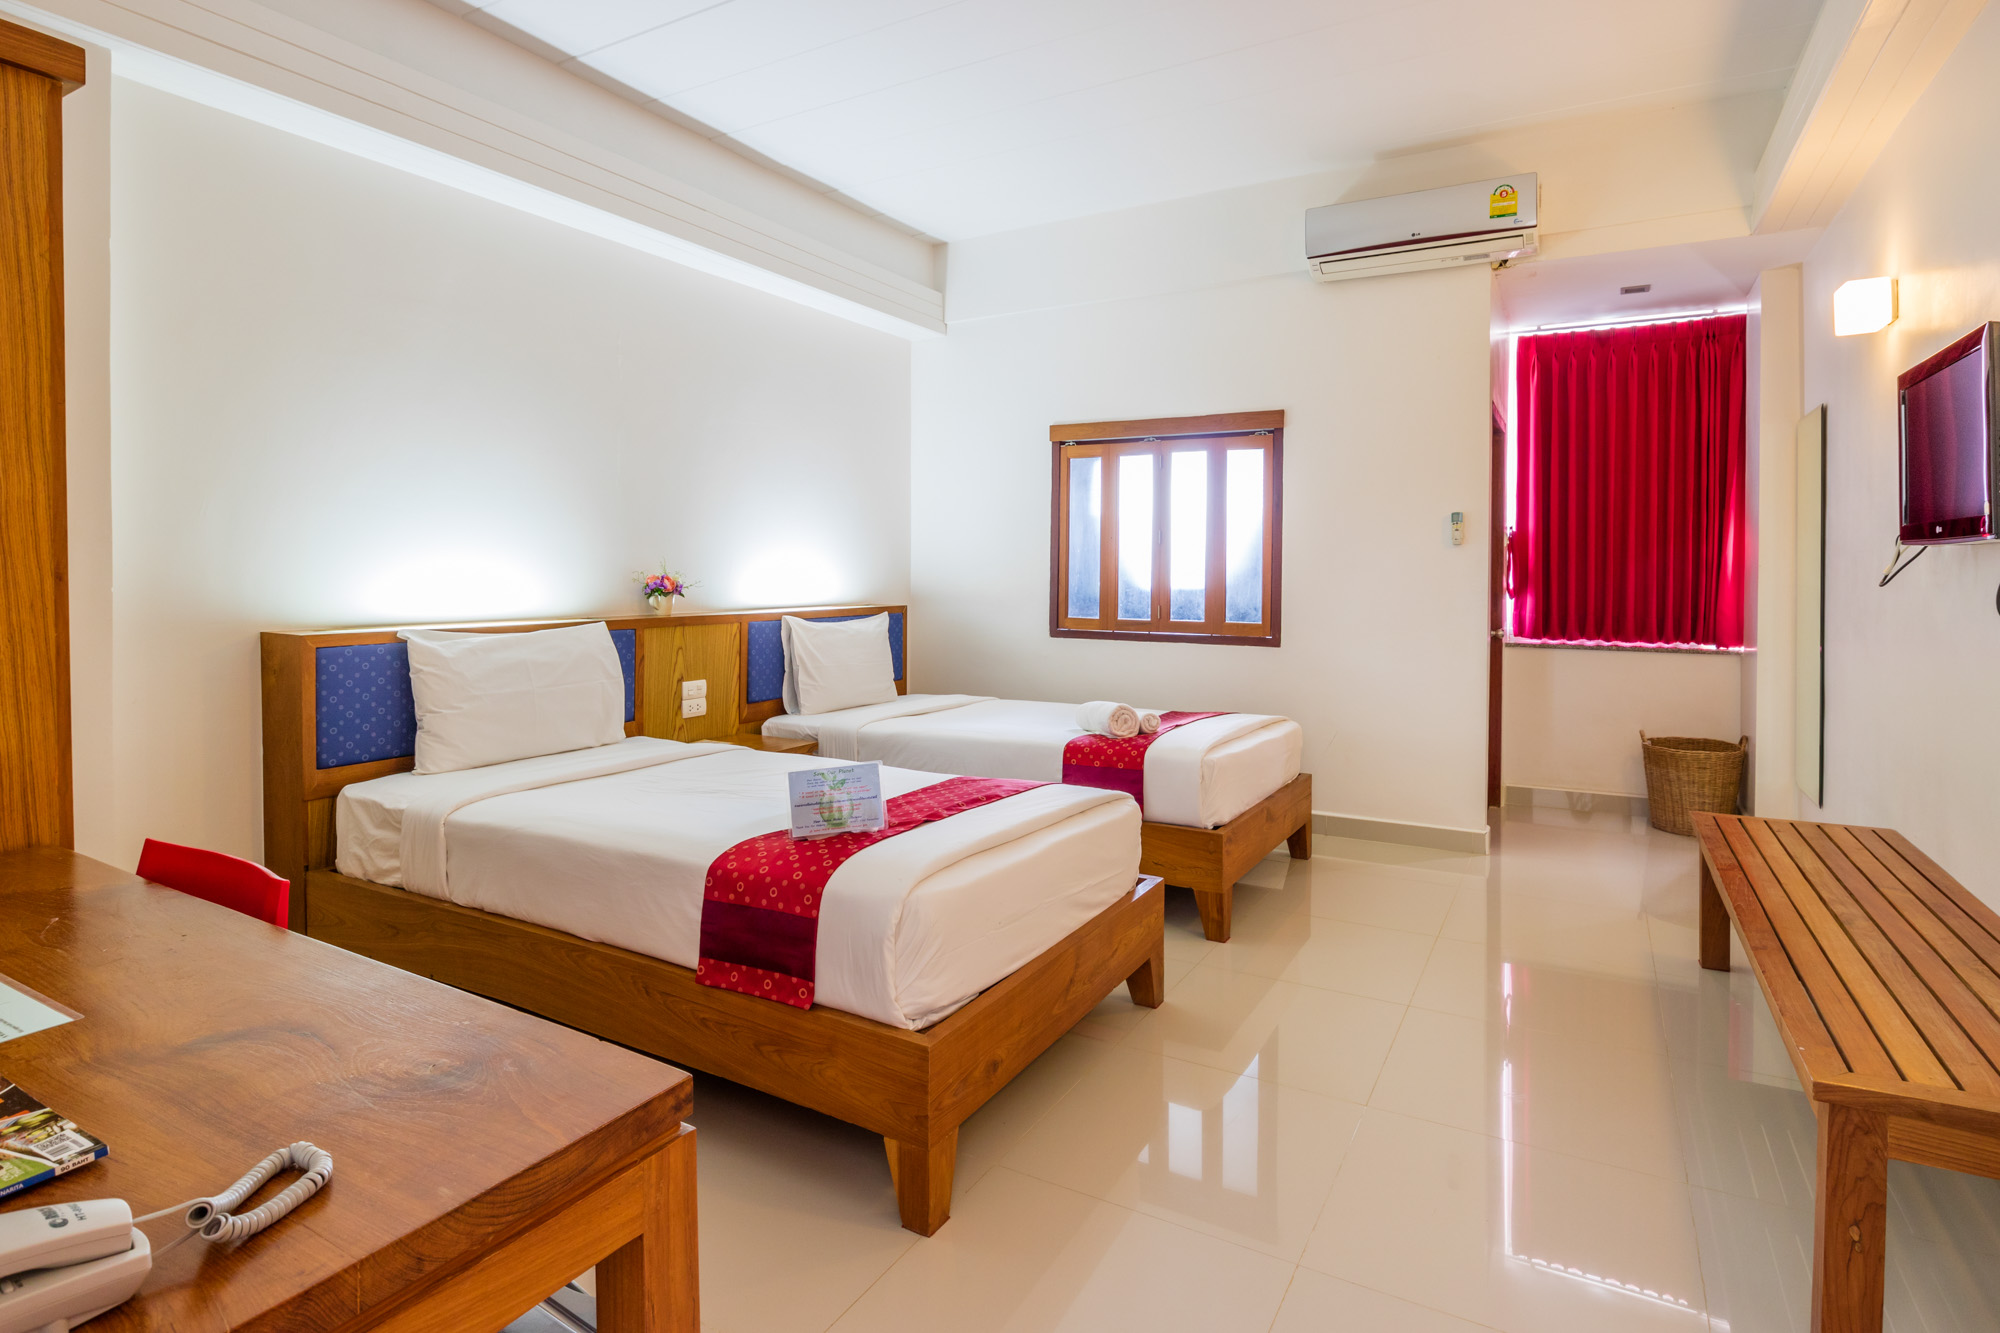 โรงแรม J2 Hotel แม่สอด  J2 HOTEL MAESOT สวยงาม โดดเด่นมีเอกลักษณ์ IMG 3647